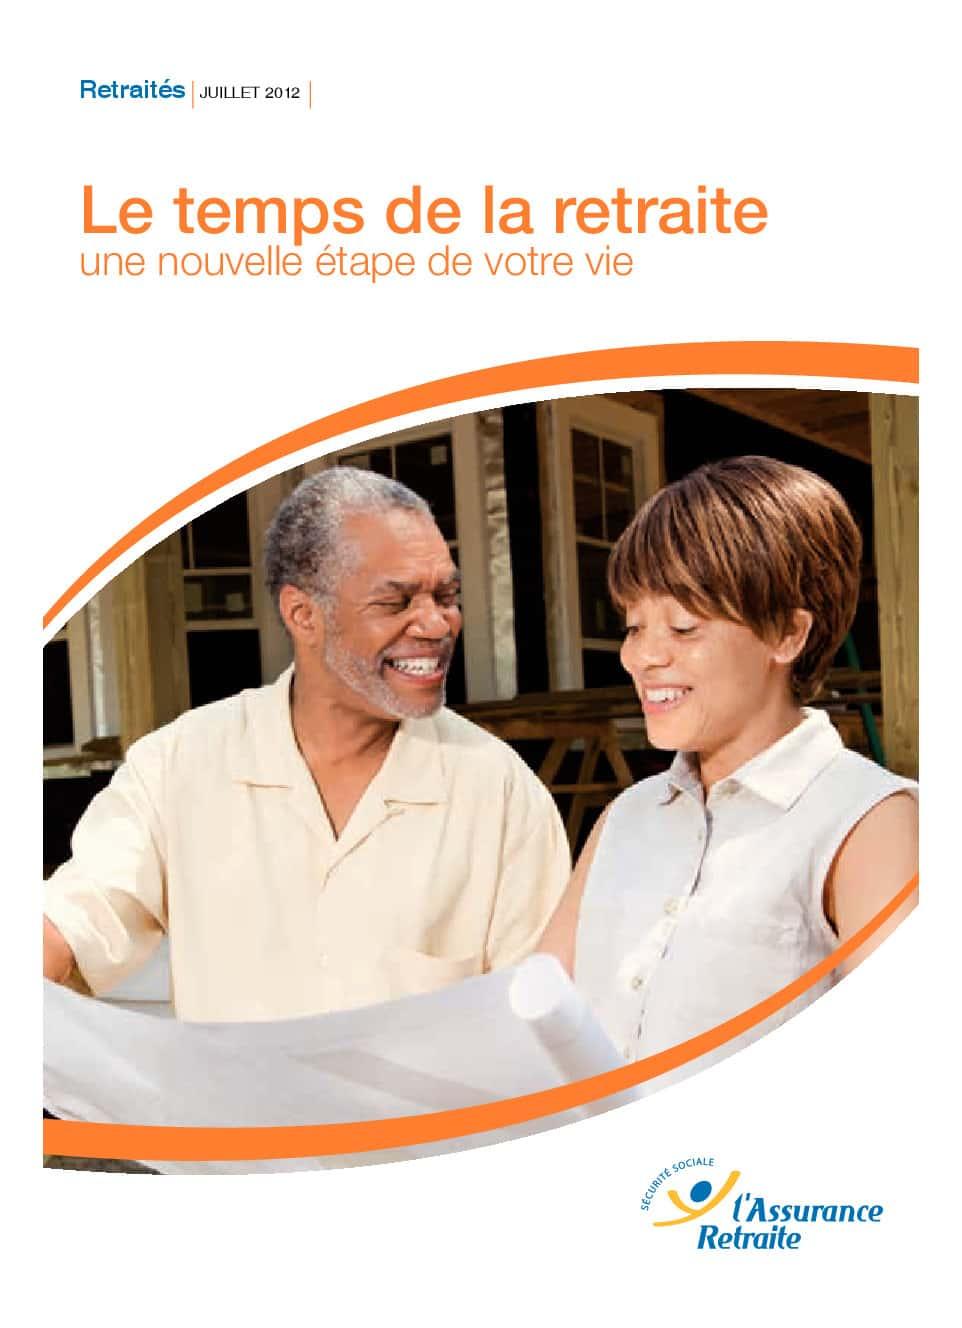 Le temps de la retraite